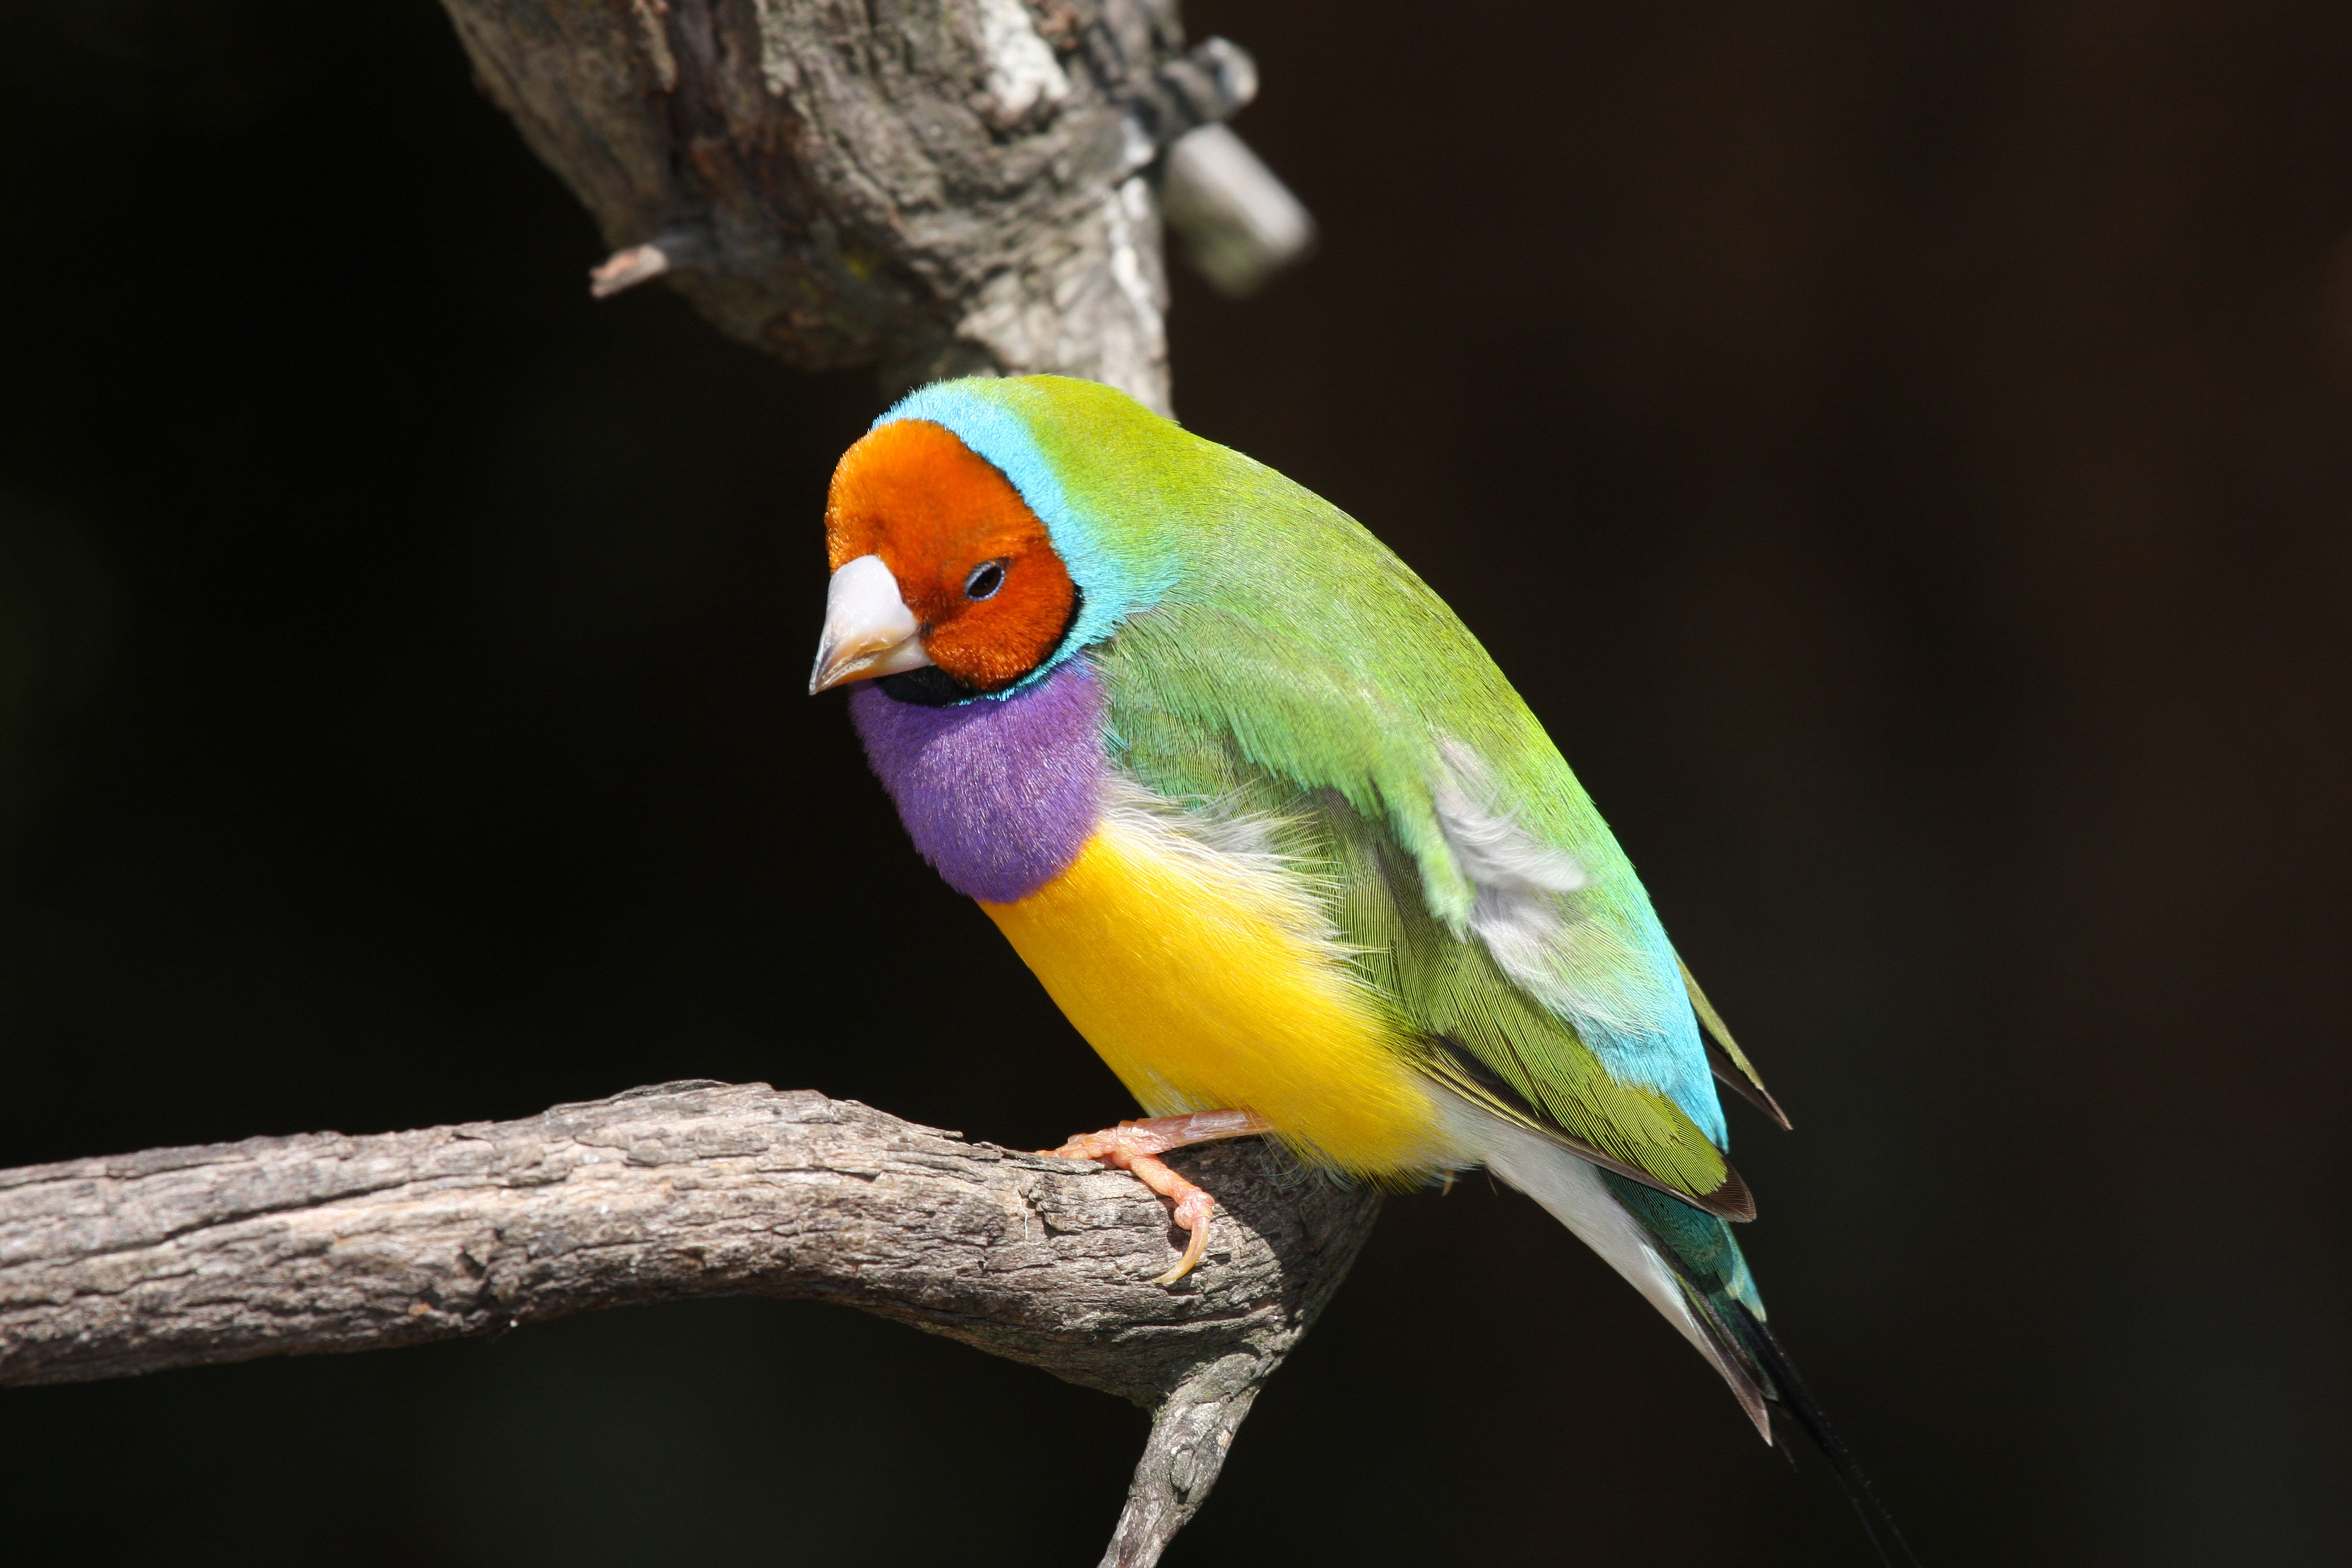 finch bird on branch